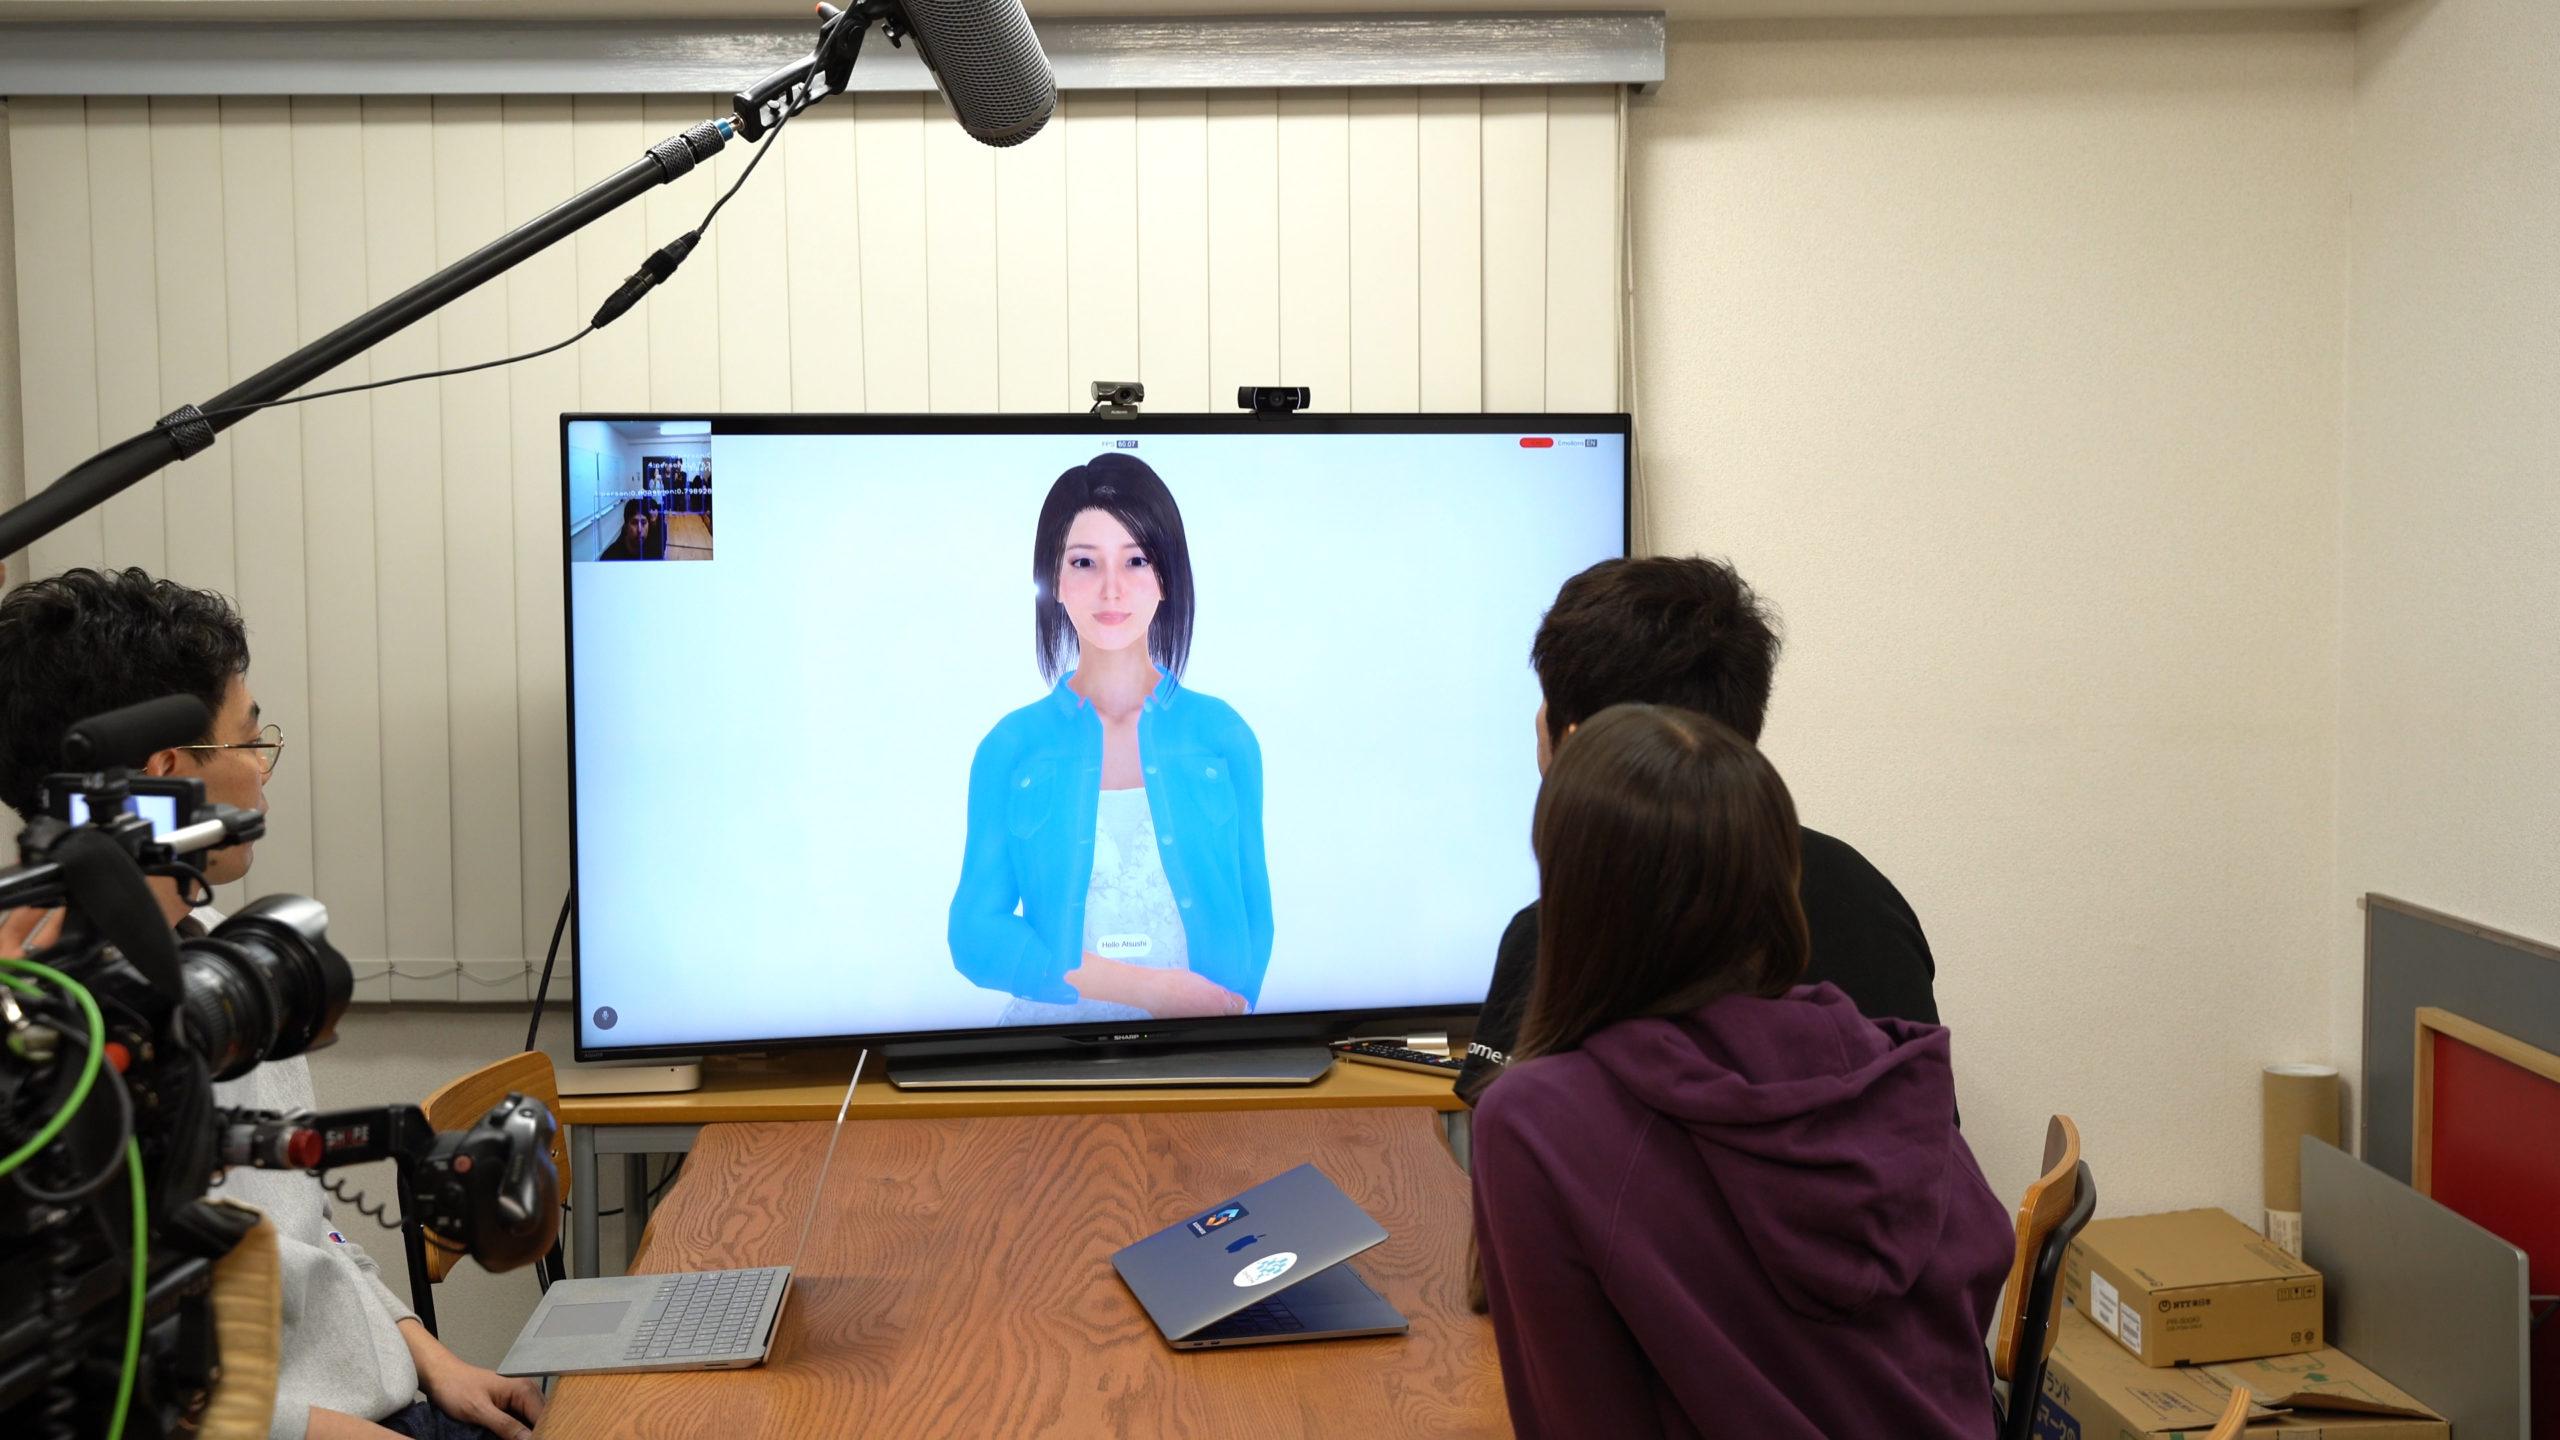 """【デモ動画公開】バーチャルヒューマンエージェントと雑談 Chat with Virtual Human """"Rachel"""""""